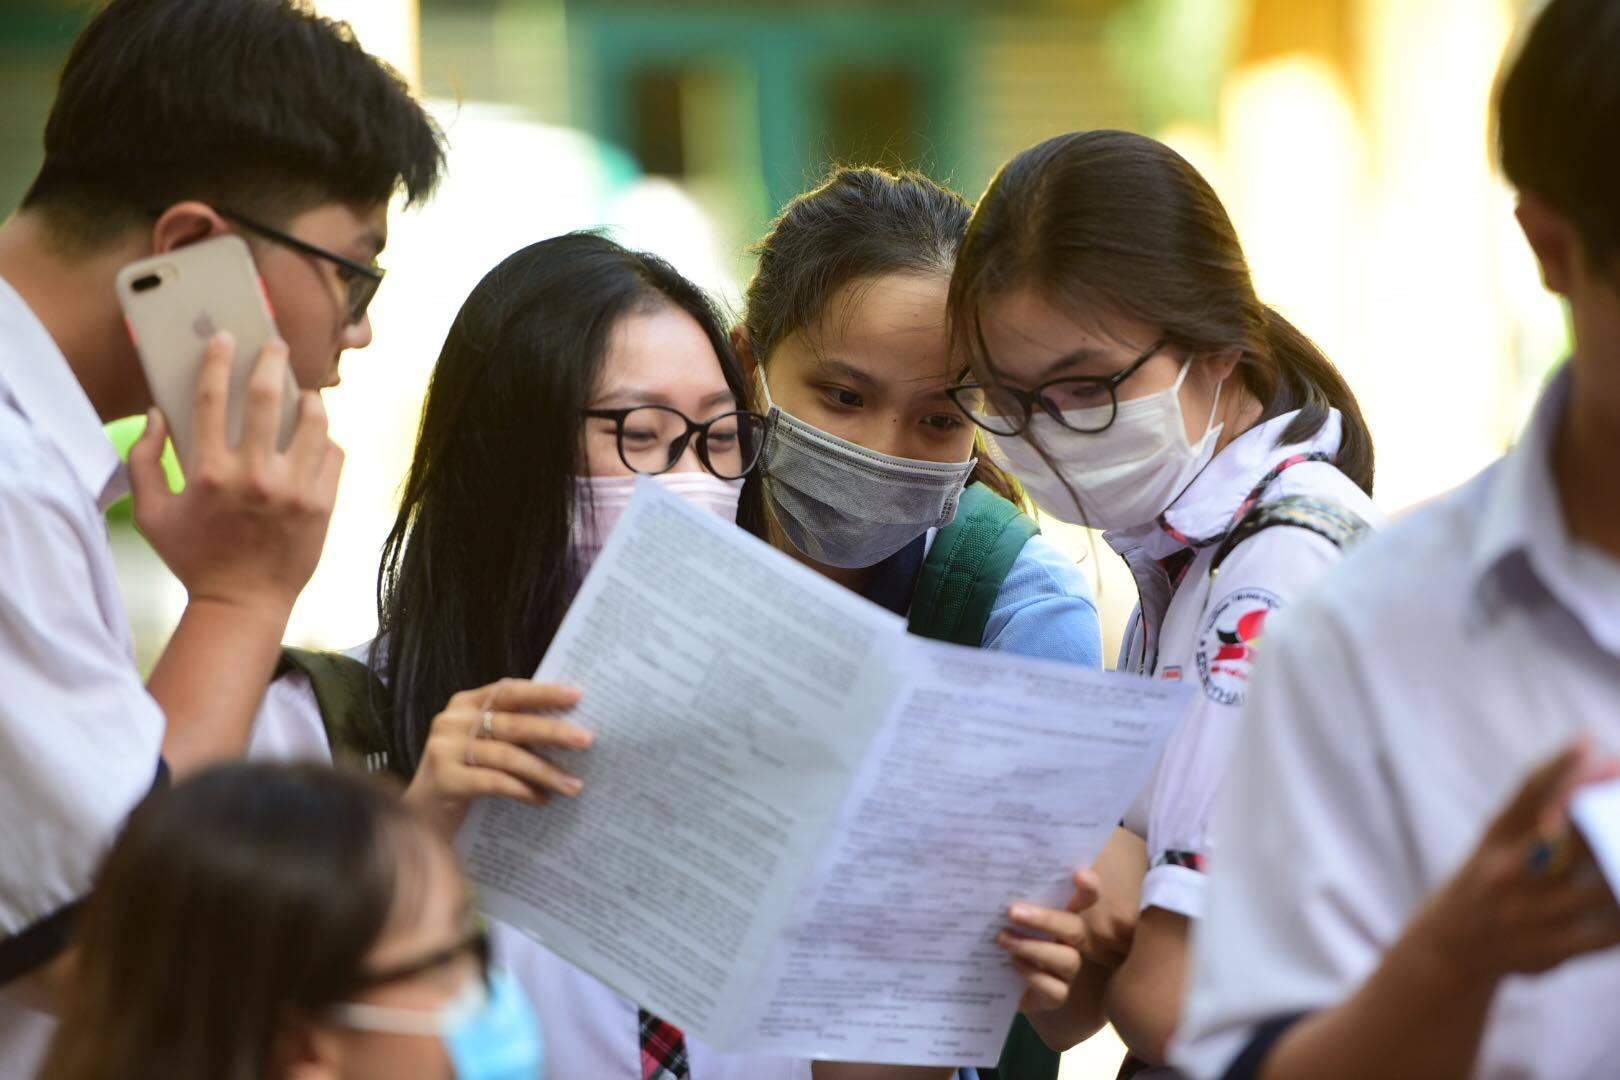 Tra cứu điểm thi THPT quốc gia 2021 tỉnh Bình Định theo SBD nhanh, chính xác 4